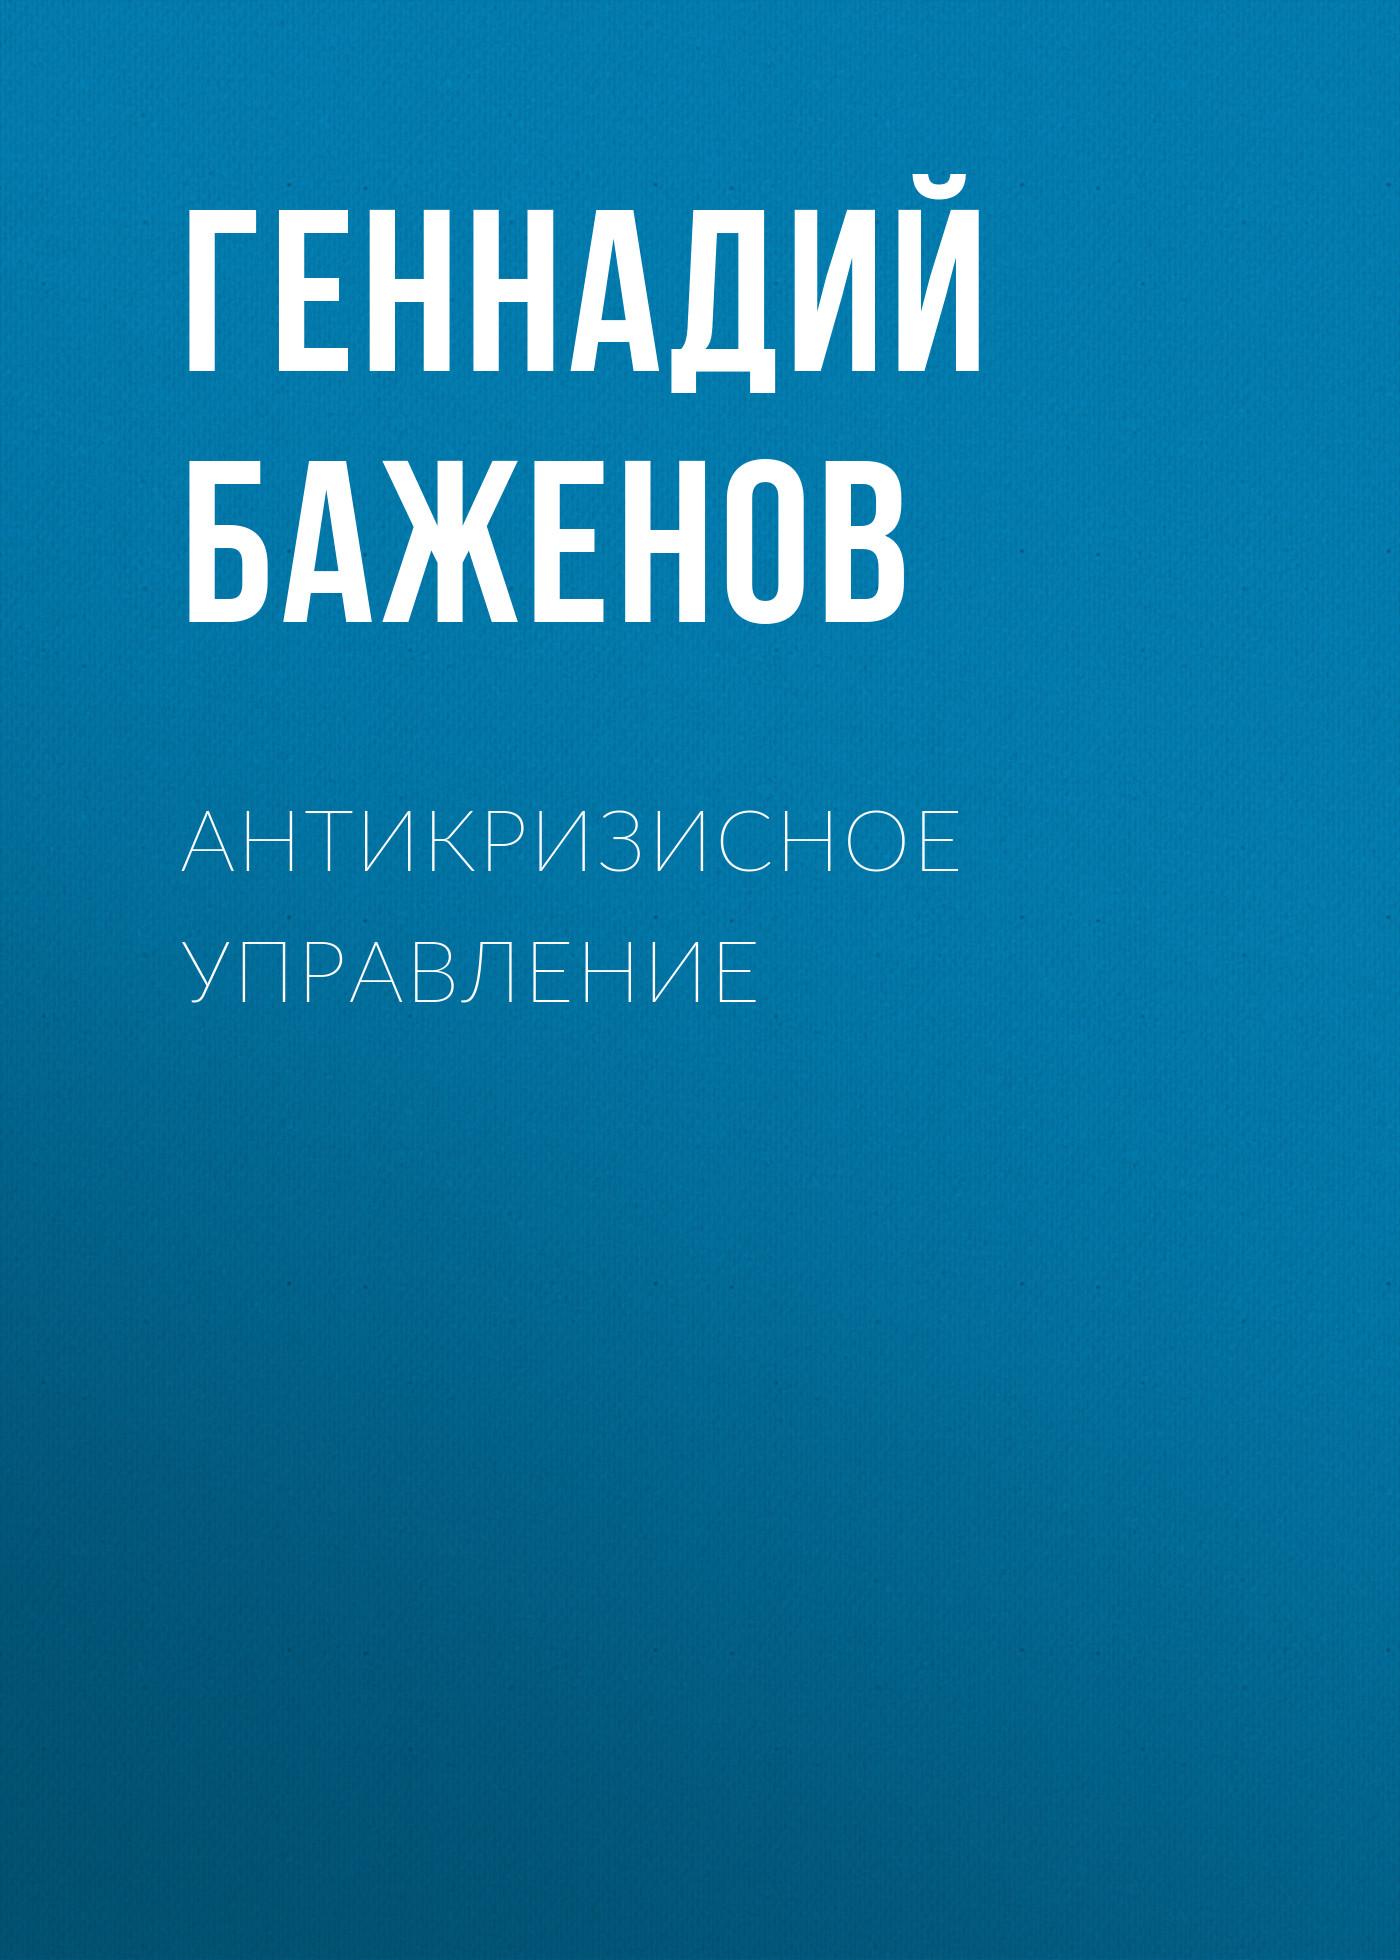 Геннадий Баженов Антикризисное управление